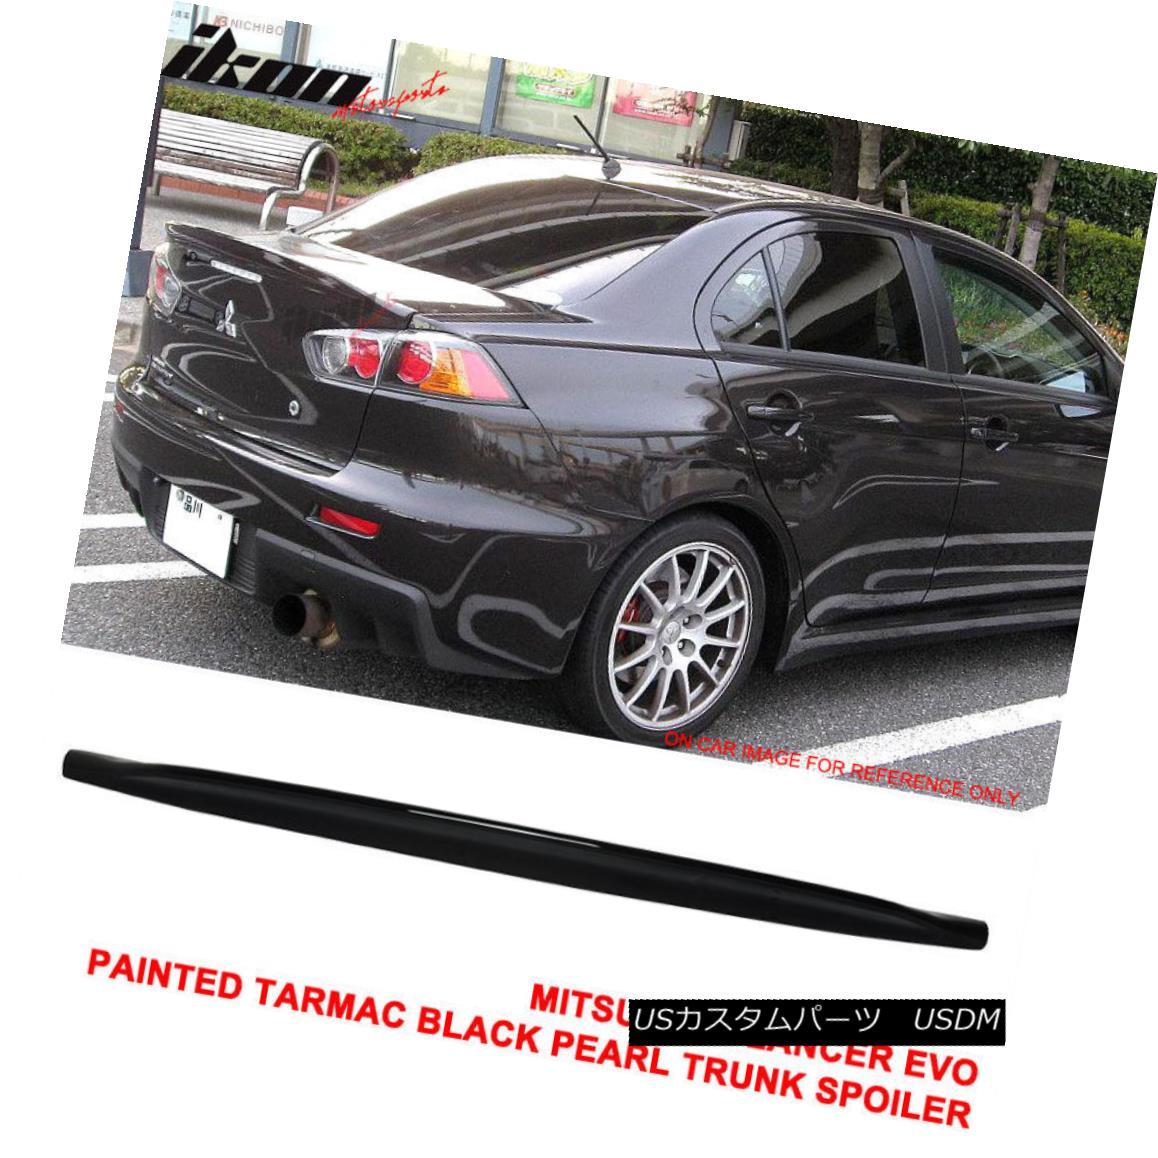 エアロパーツ Fit 08-17 Lancer EVO X JDM Duckbill Trunk Spoiler Painted Tarmac Black Pearl ABS フィット08-17ランサーエボX JDMダックビルトランクスポイラー塗装タルマックブラックパールABS